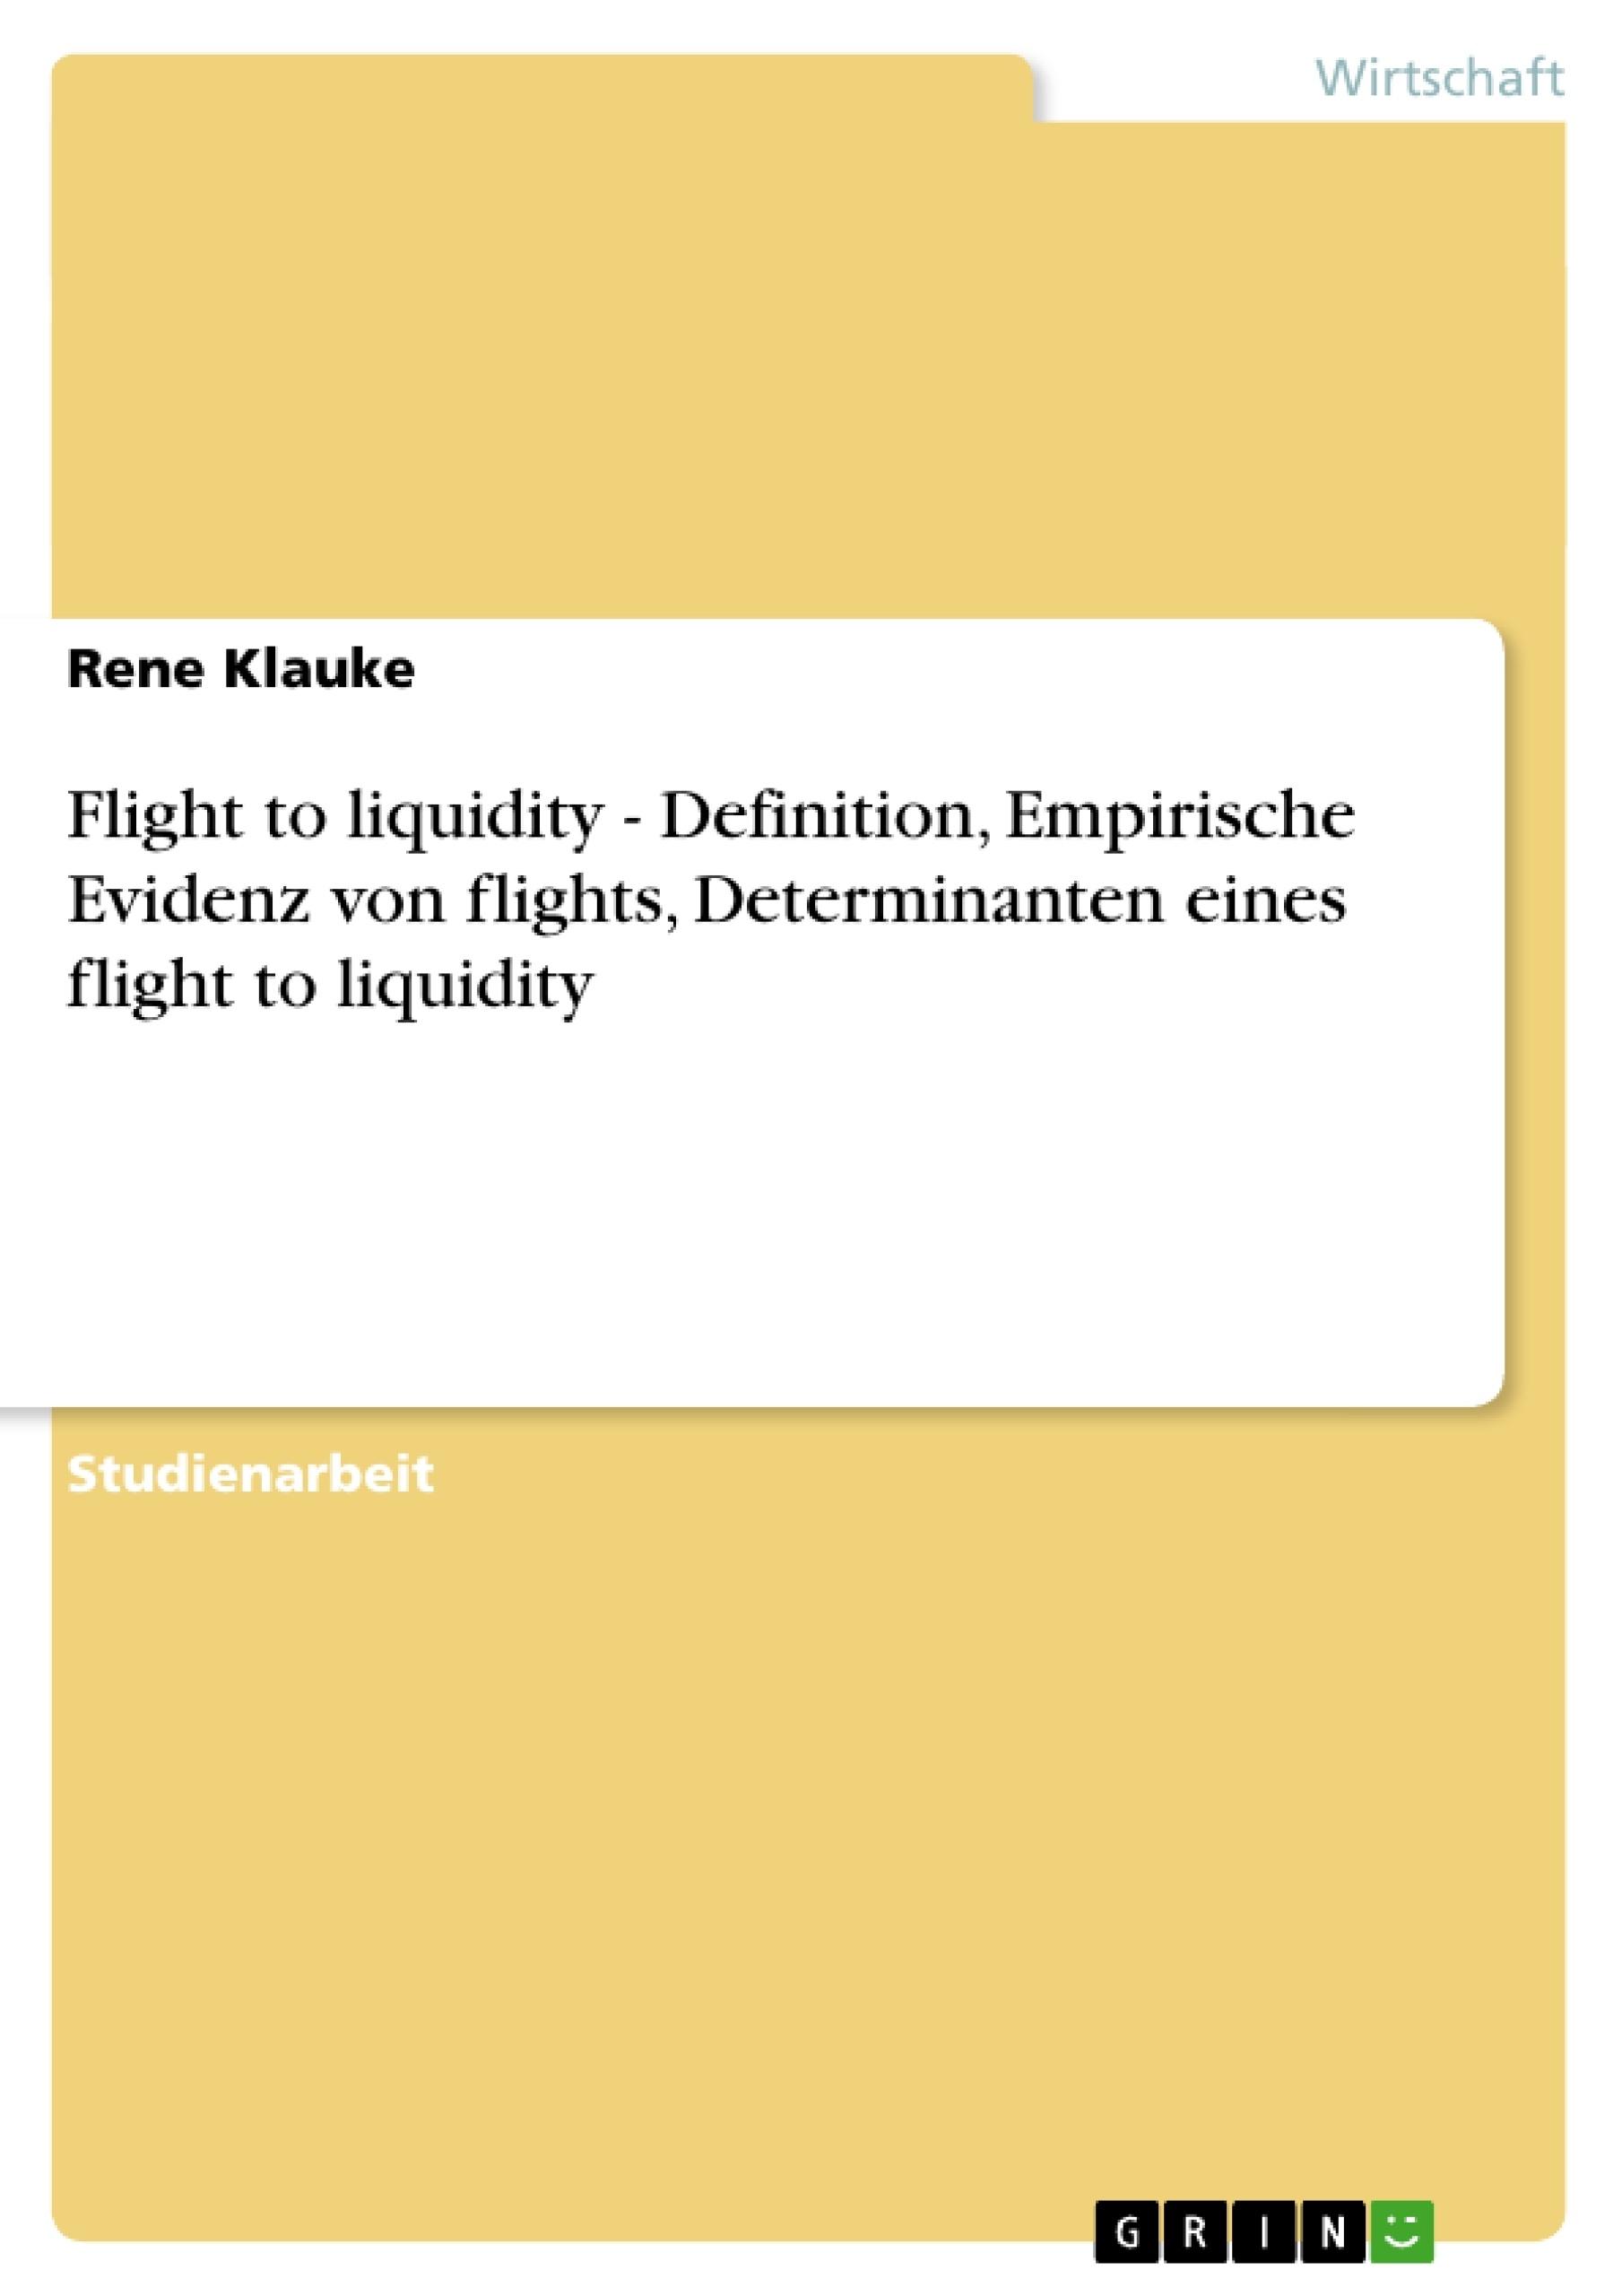 Titel: Flight to liquidity - Definition, Empirische Evidenz von flights, Determinanten eines flight to liquidity